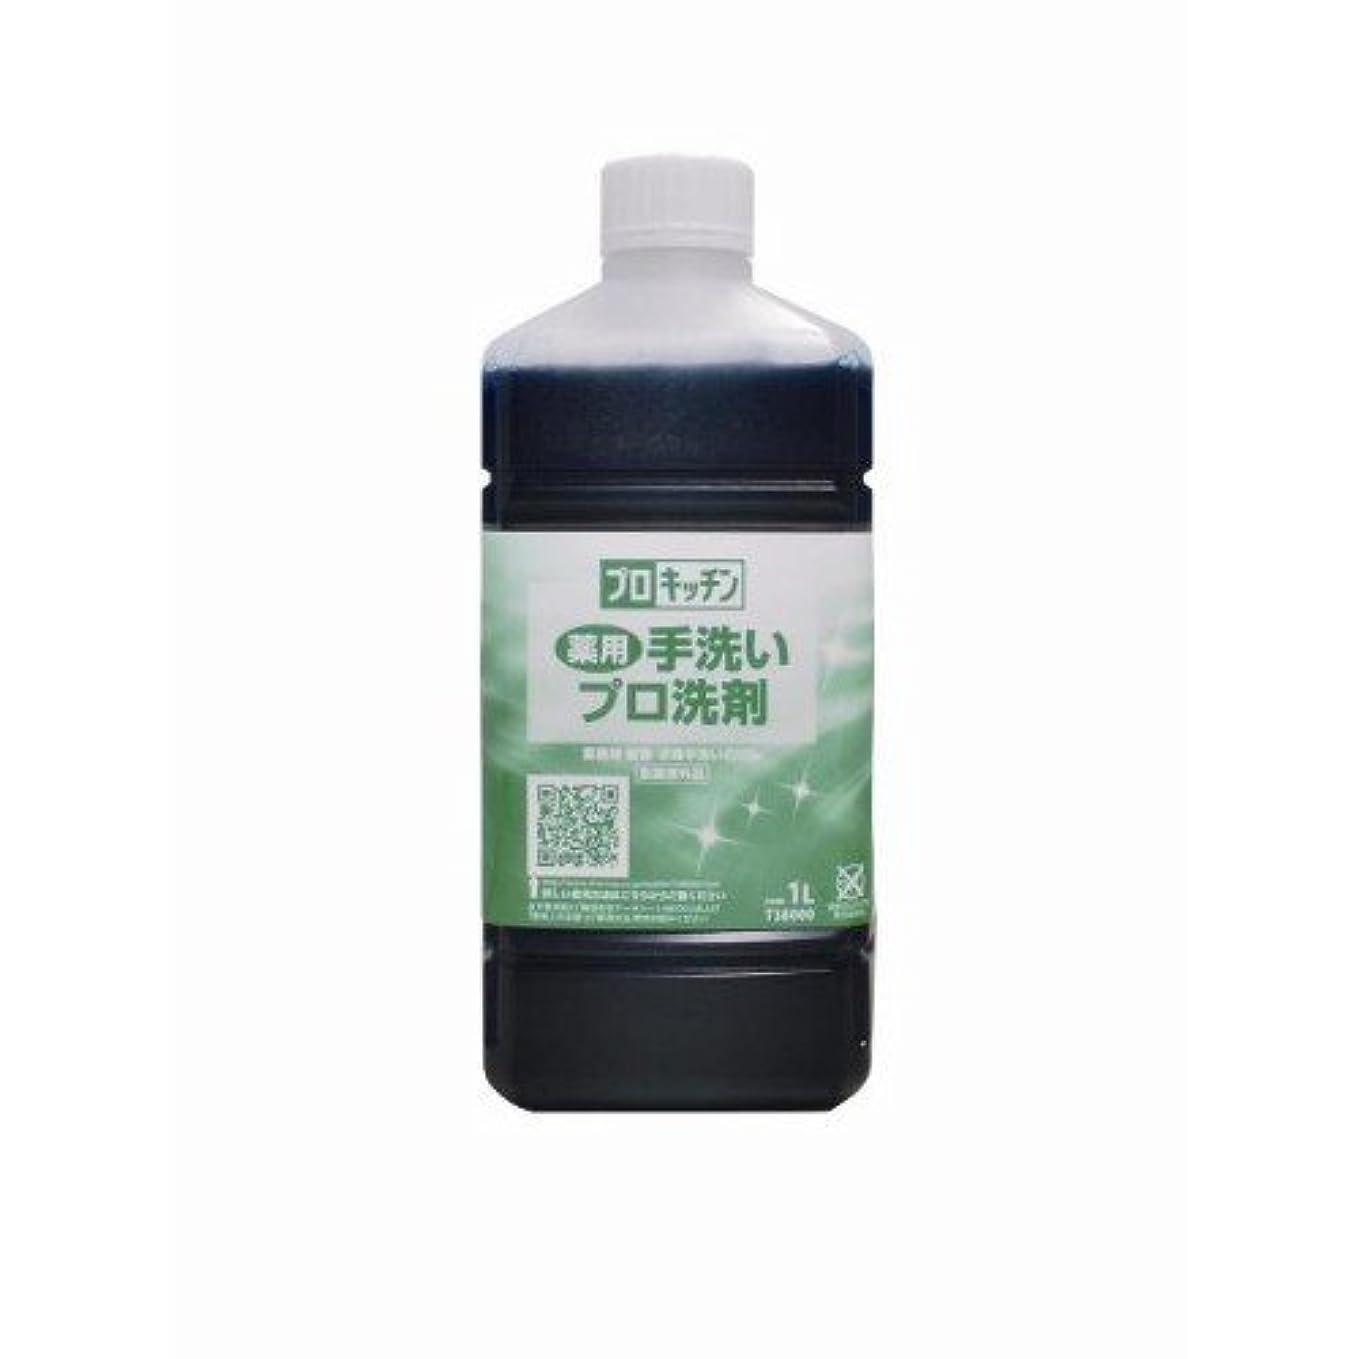 契約した伝統限り薬用手洗いプロ洗剤 1L